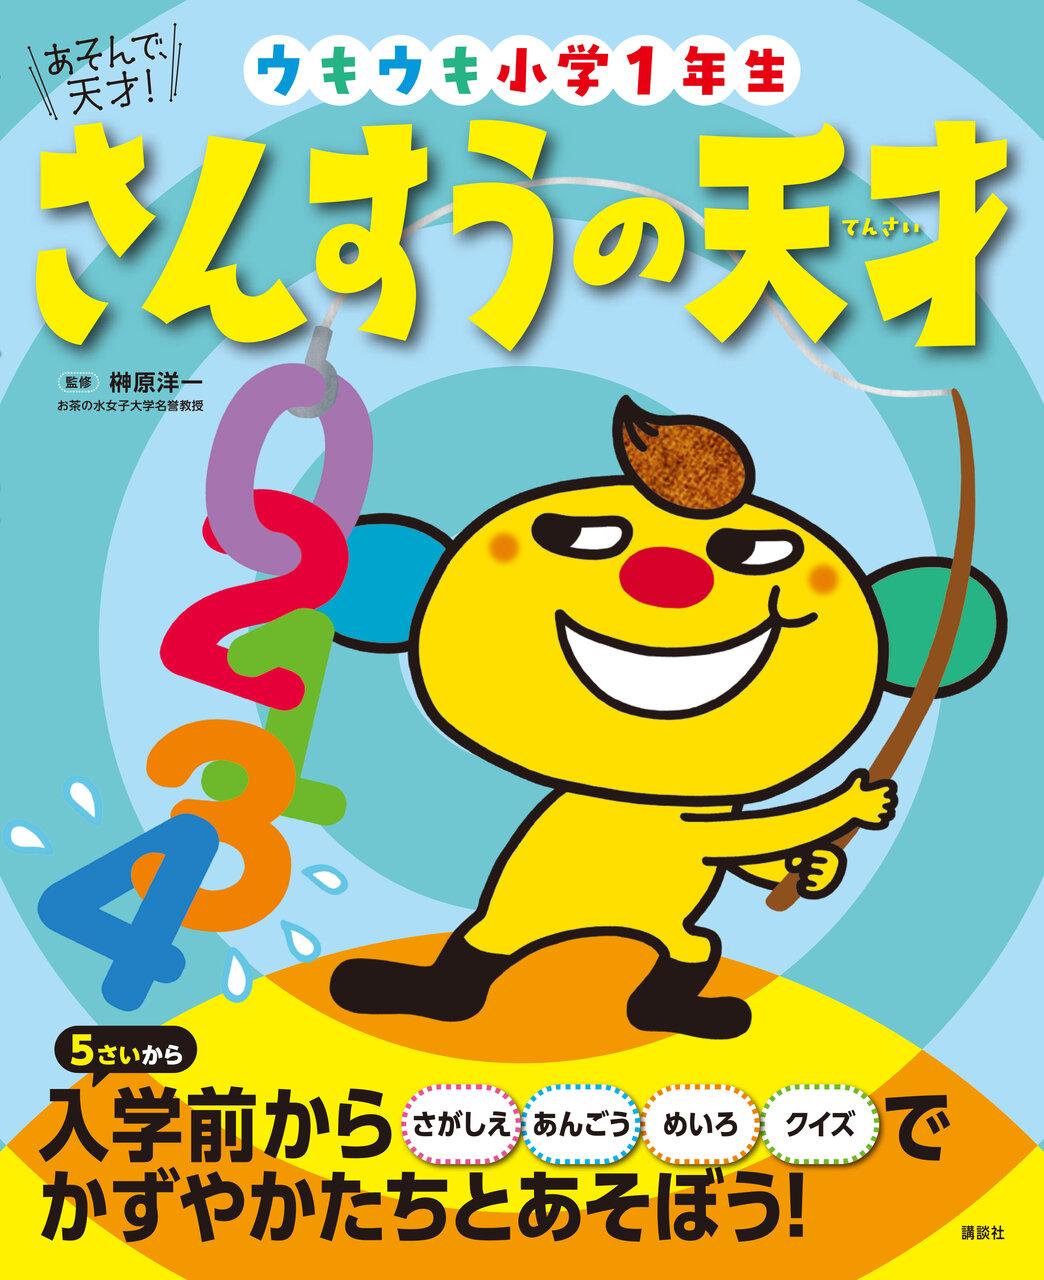 榊原洋一先生監修『あそんで、天才! さんすうの天才 ウキウキ小学1年生』